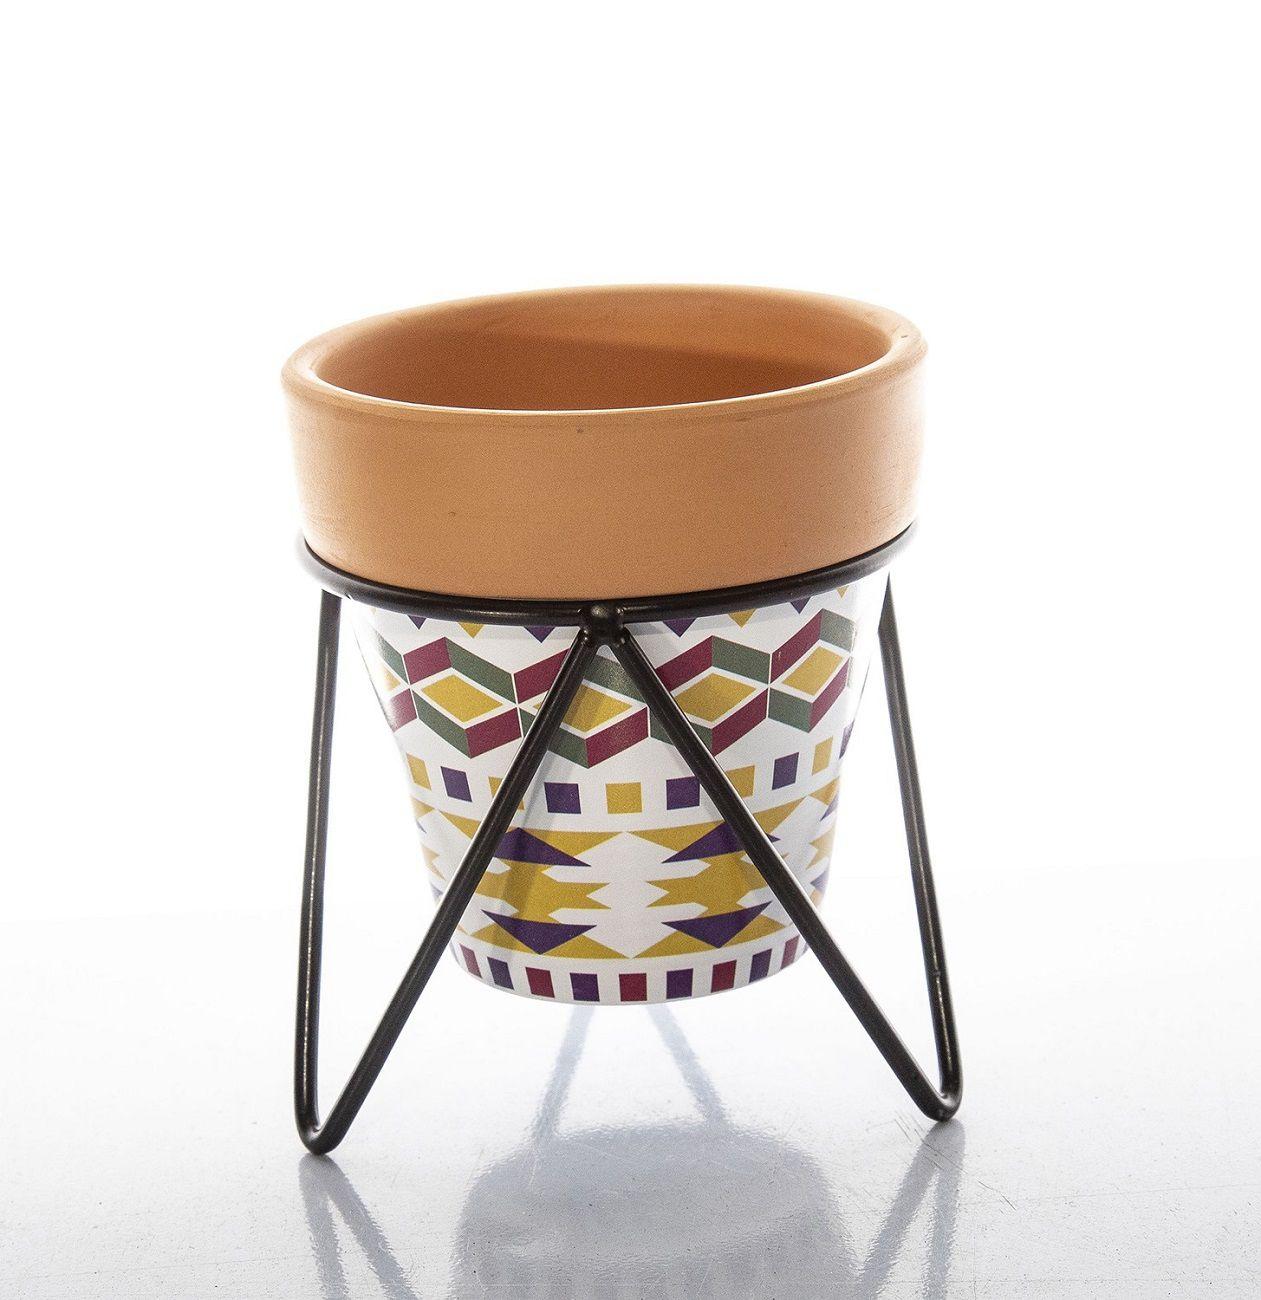 Adorno De Ceramica Vaso Para Ornamentacaref:Vsc-422